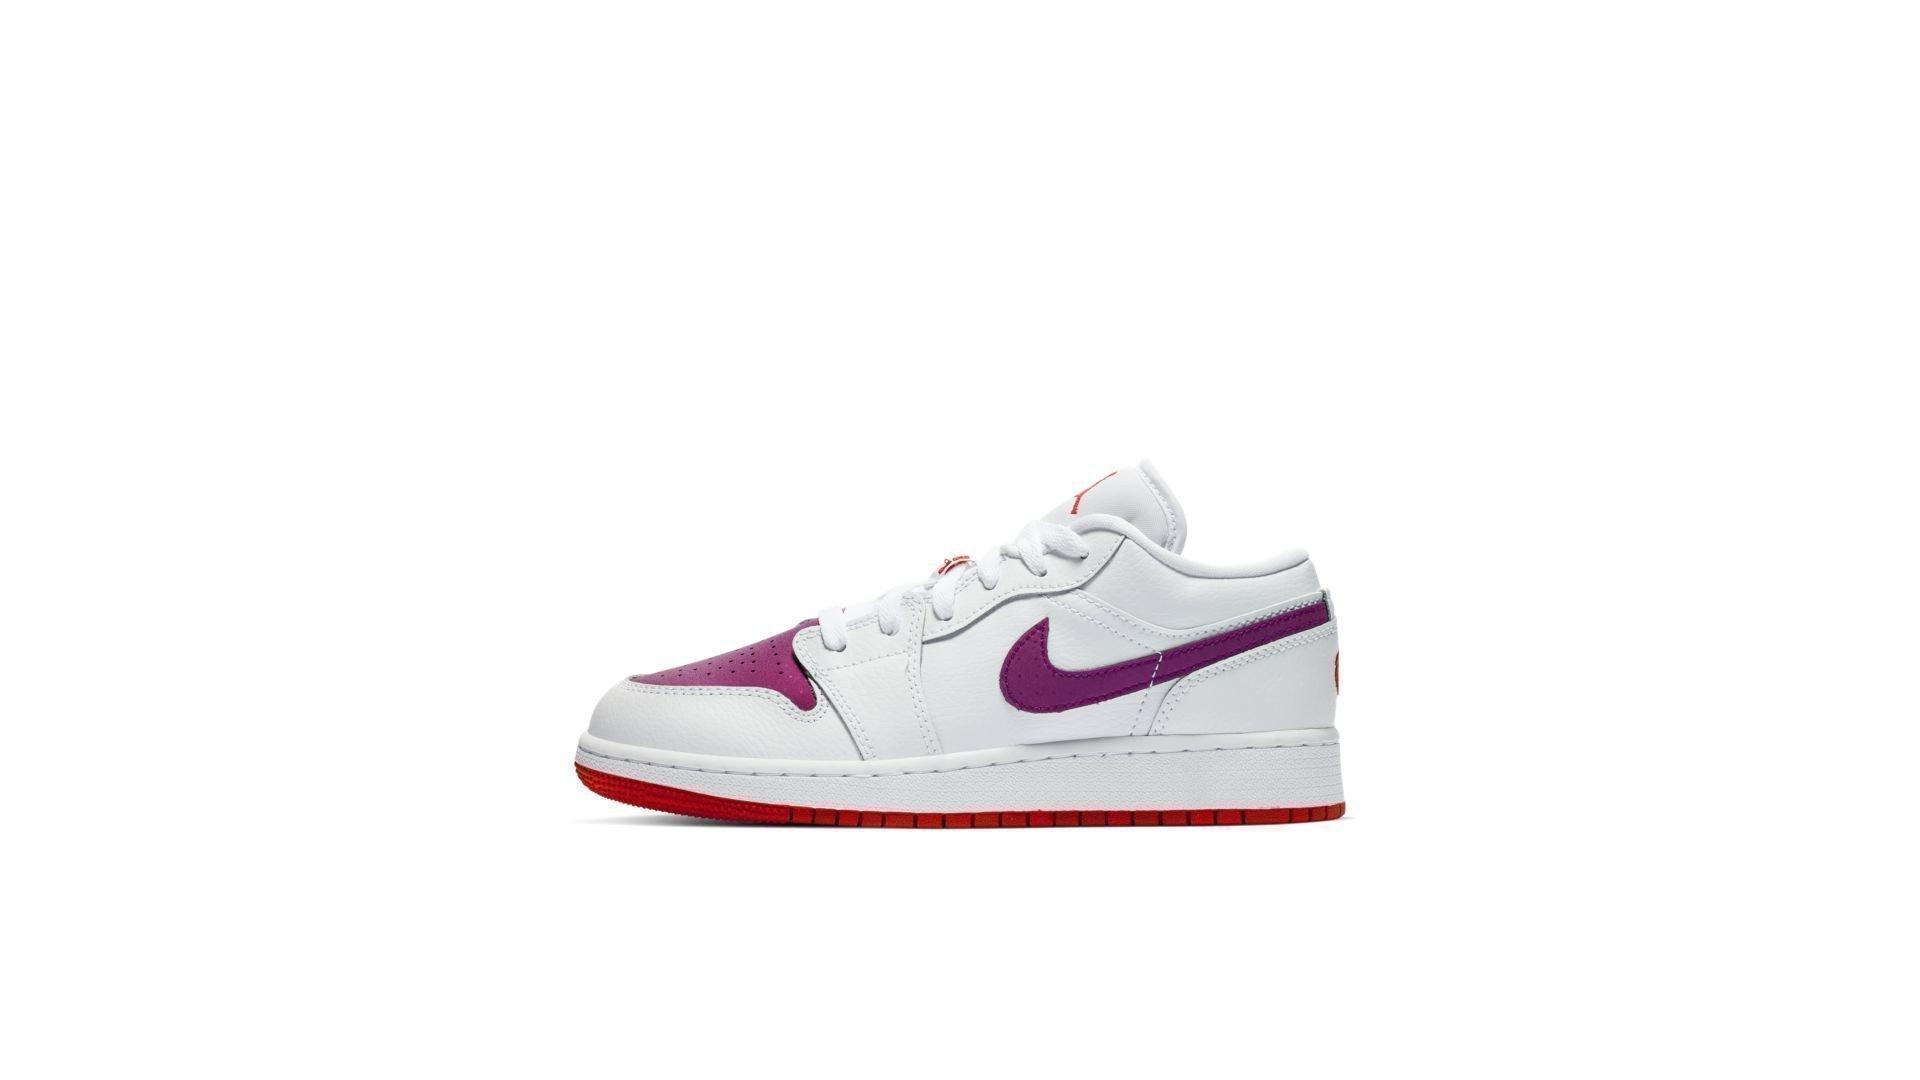 Jordan 1 Low White True Berry (GS) (554723-161)